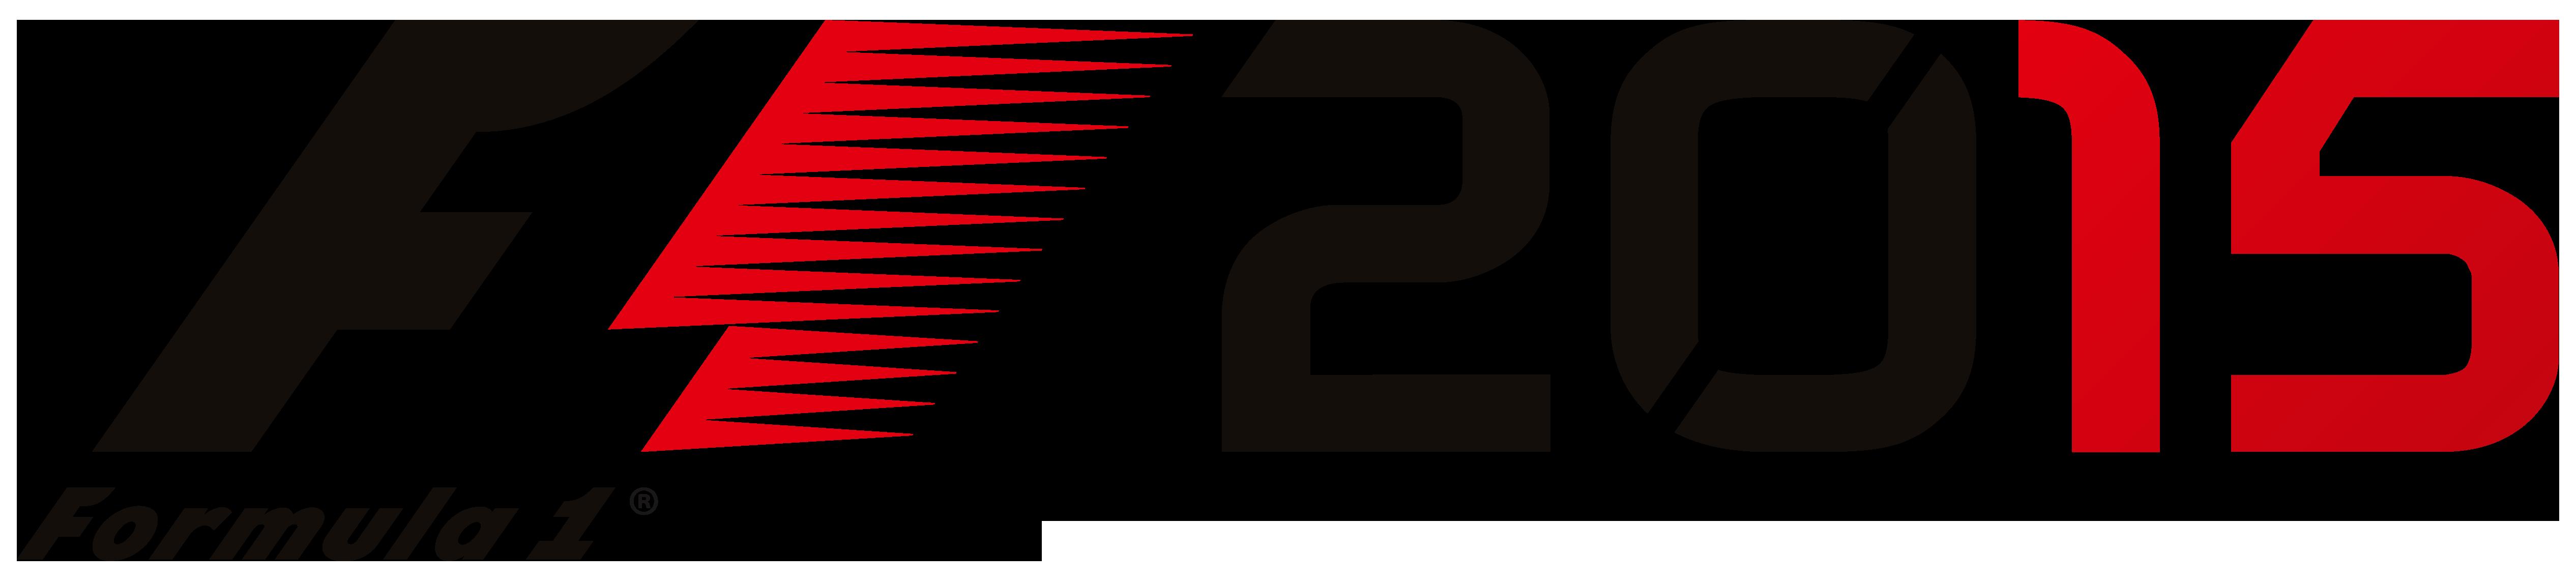 Resultado de imagem para F1 2015 logo png